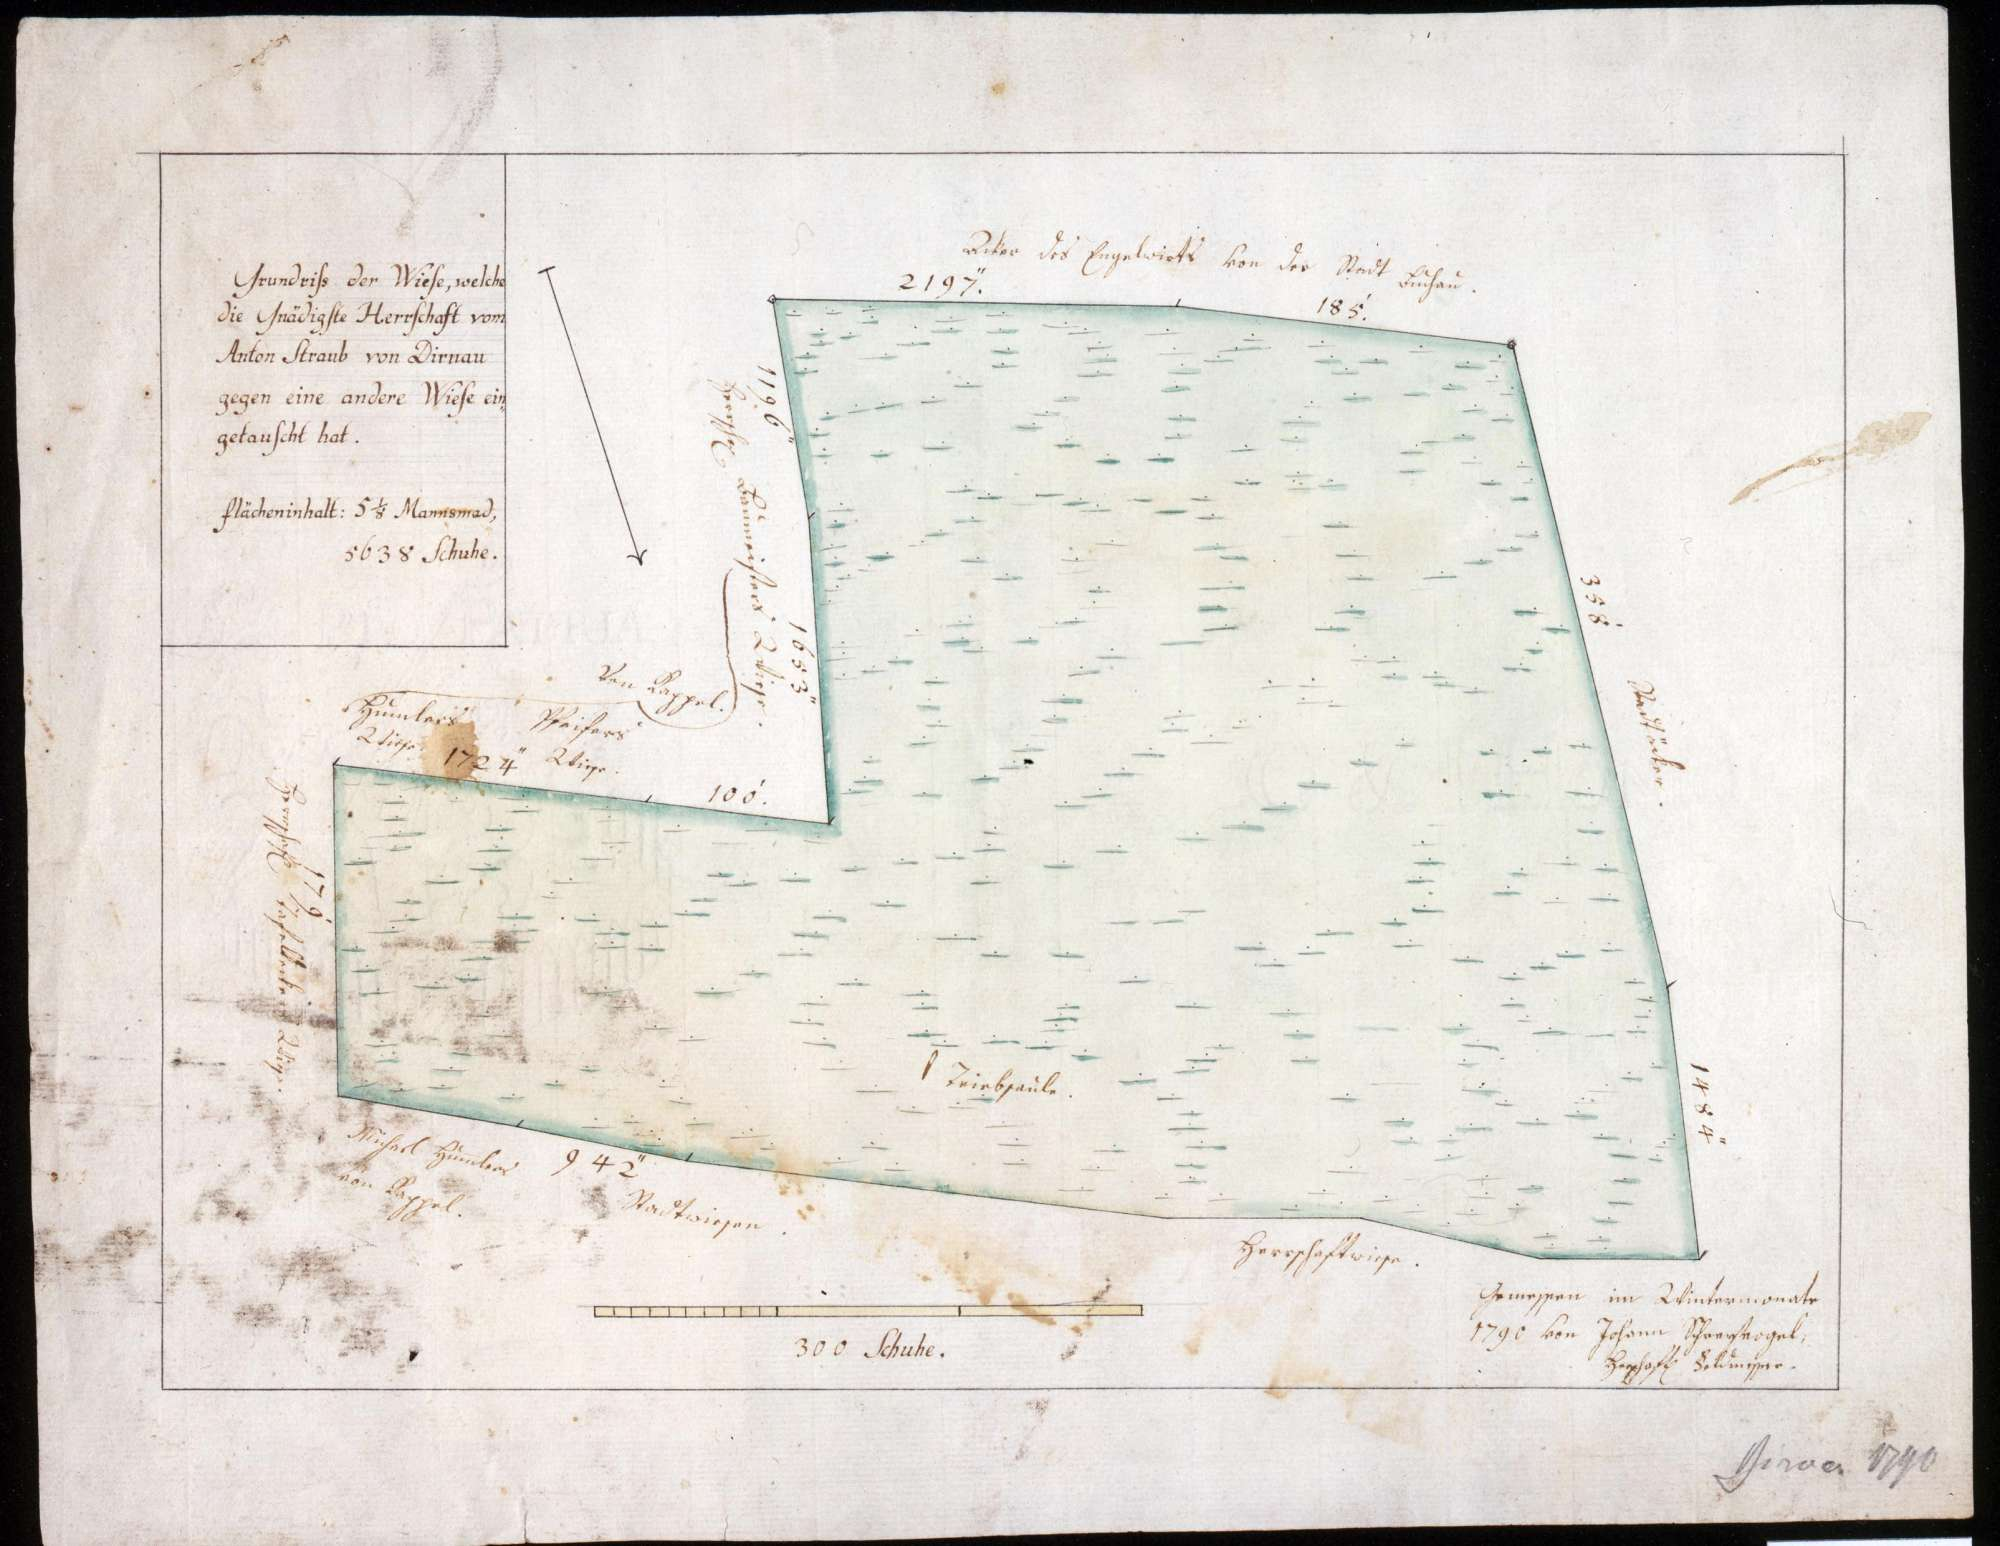 Friedberg-Scheerische Wiese in Dürnau Maßstab ca. 1 : 800 Zeichner: Johann Schreyvogel col. handgez., Bild 1